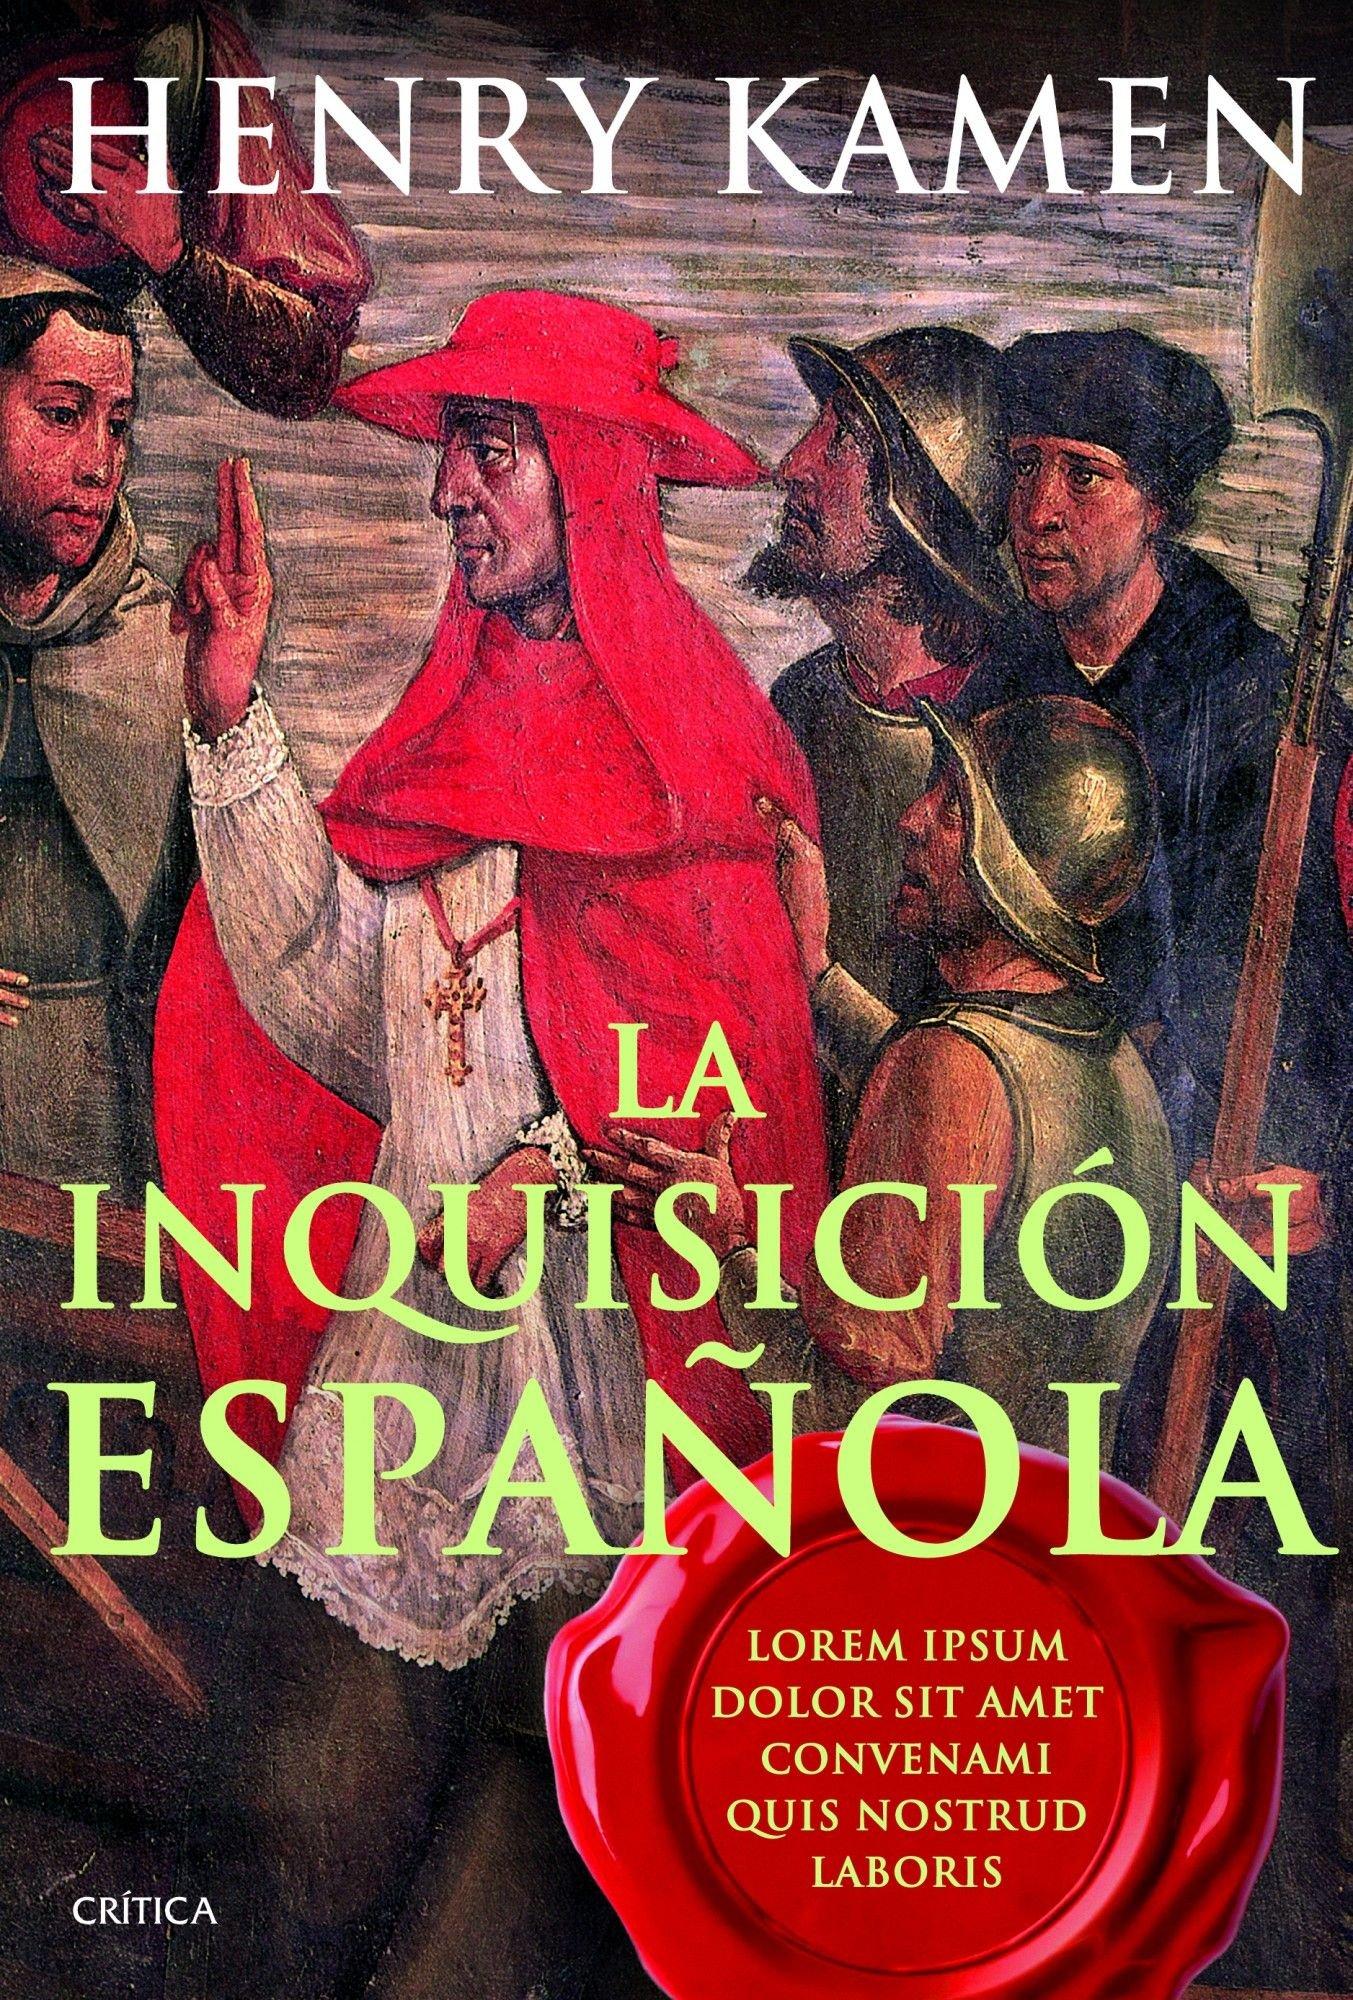 La inquisición española: Mito e historia Serie Mayor: Amazon.es: Kamen, Henry, Rabasseda, Joan, Lozoya, Teófilo de: Libros